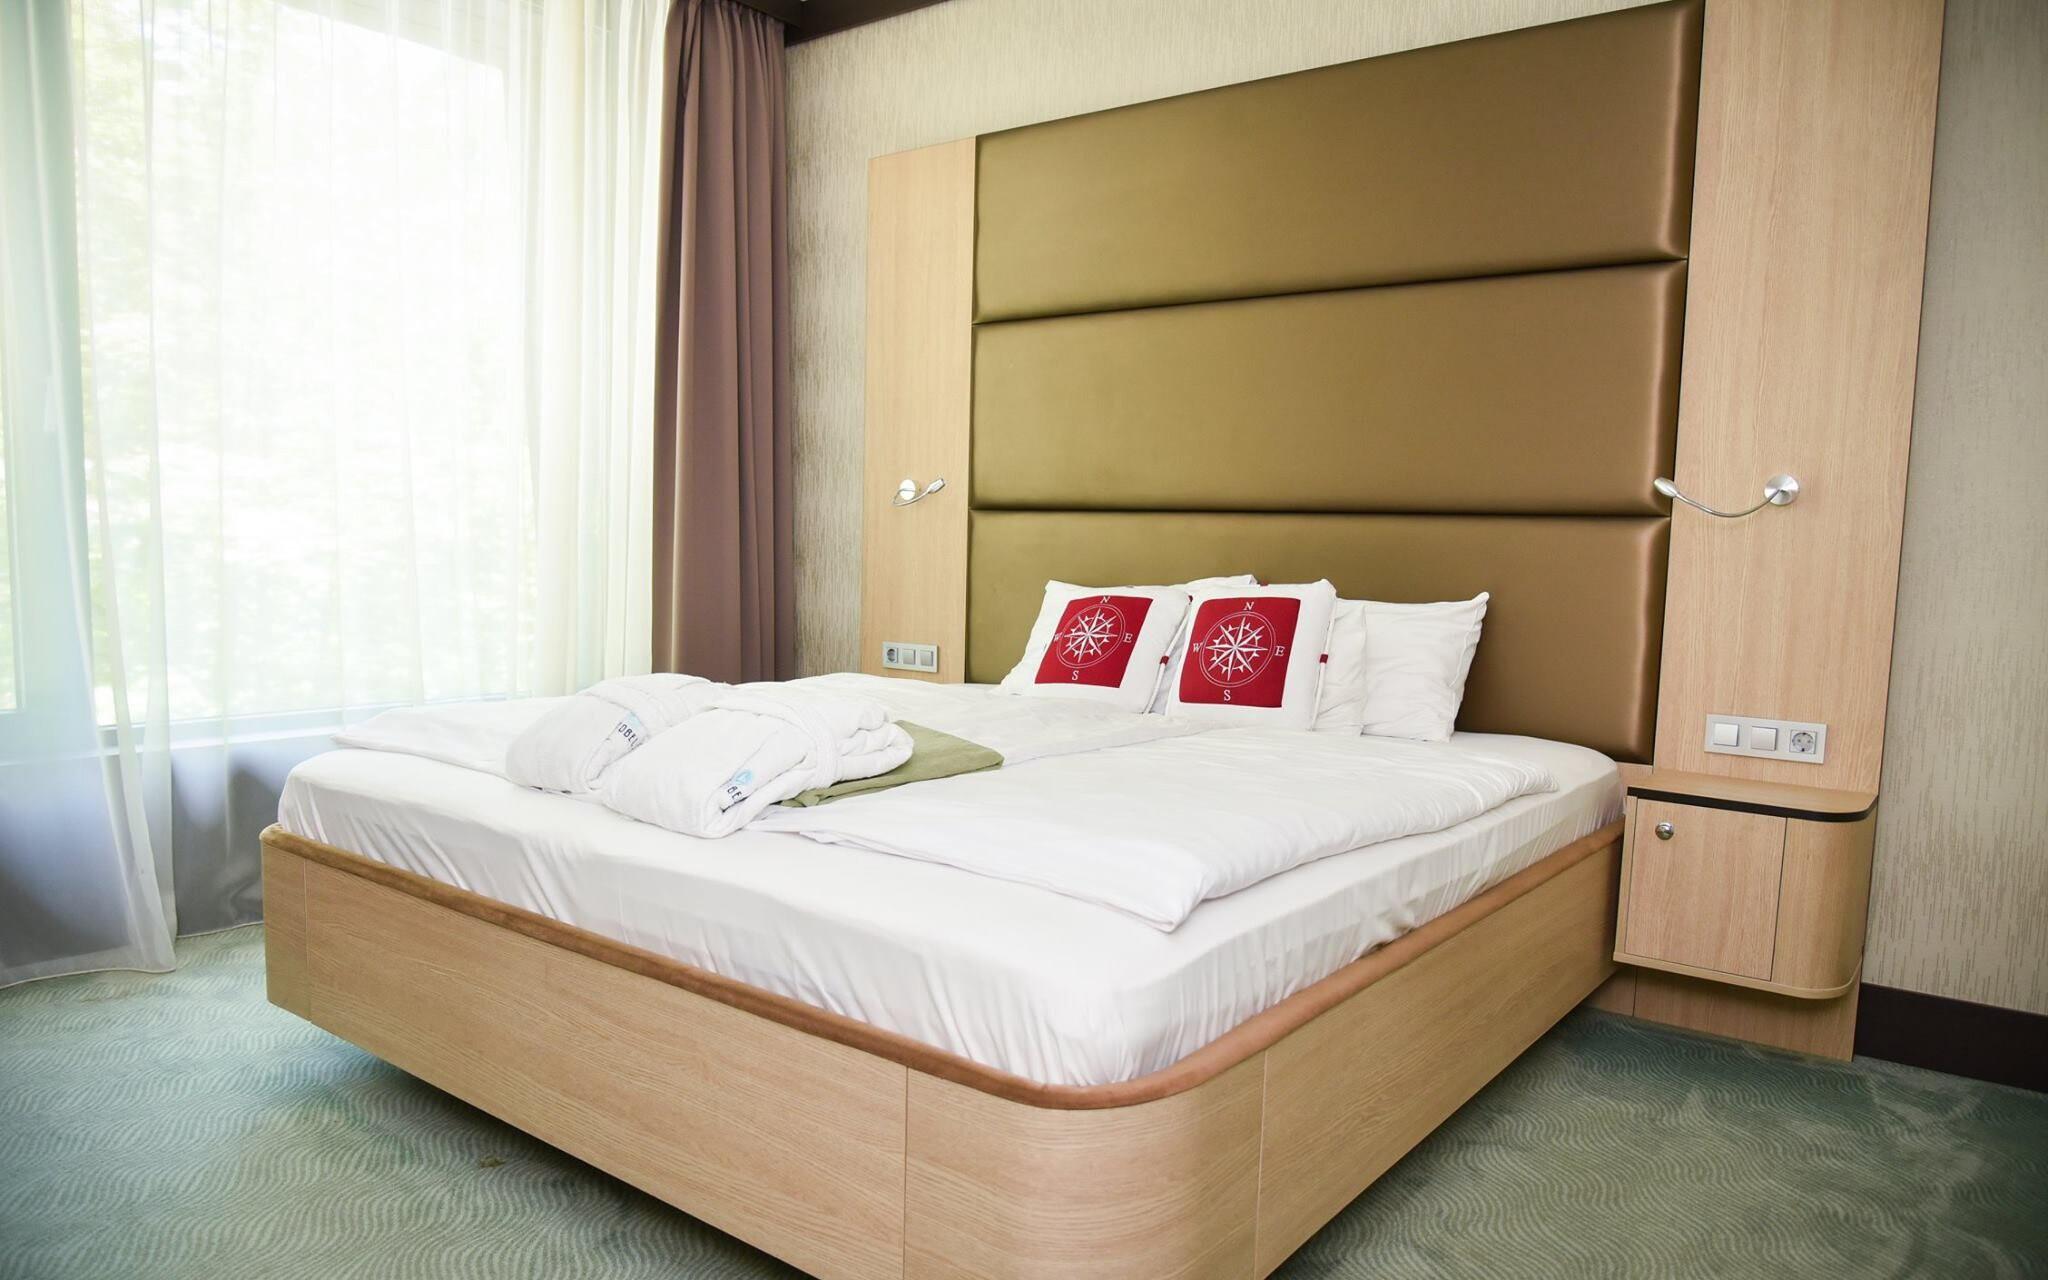 V komfortných izbách nájdete všetko potrebné